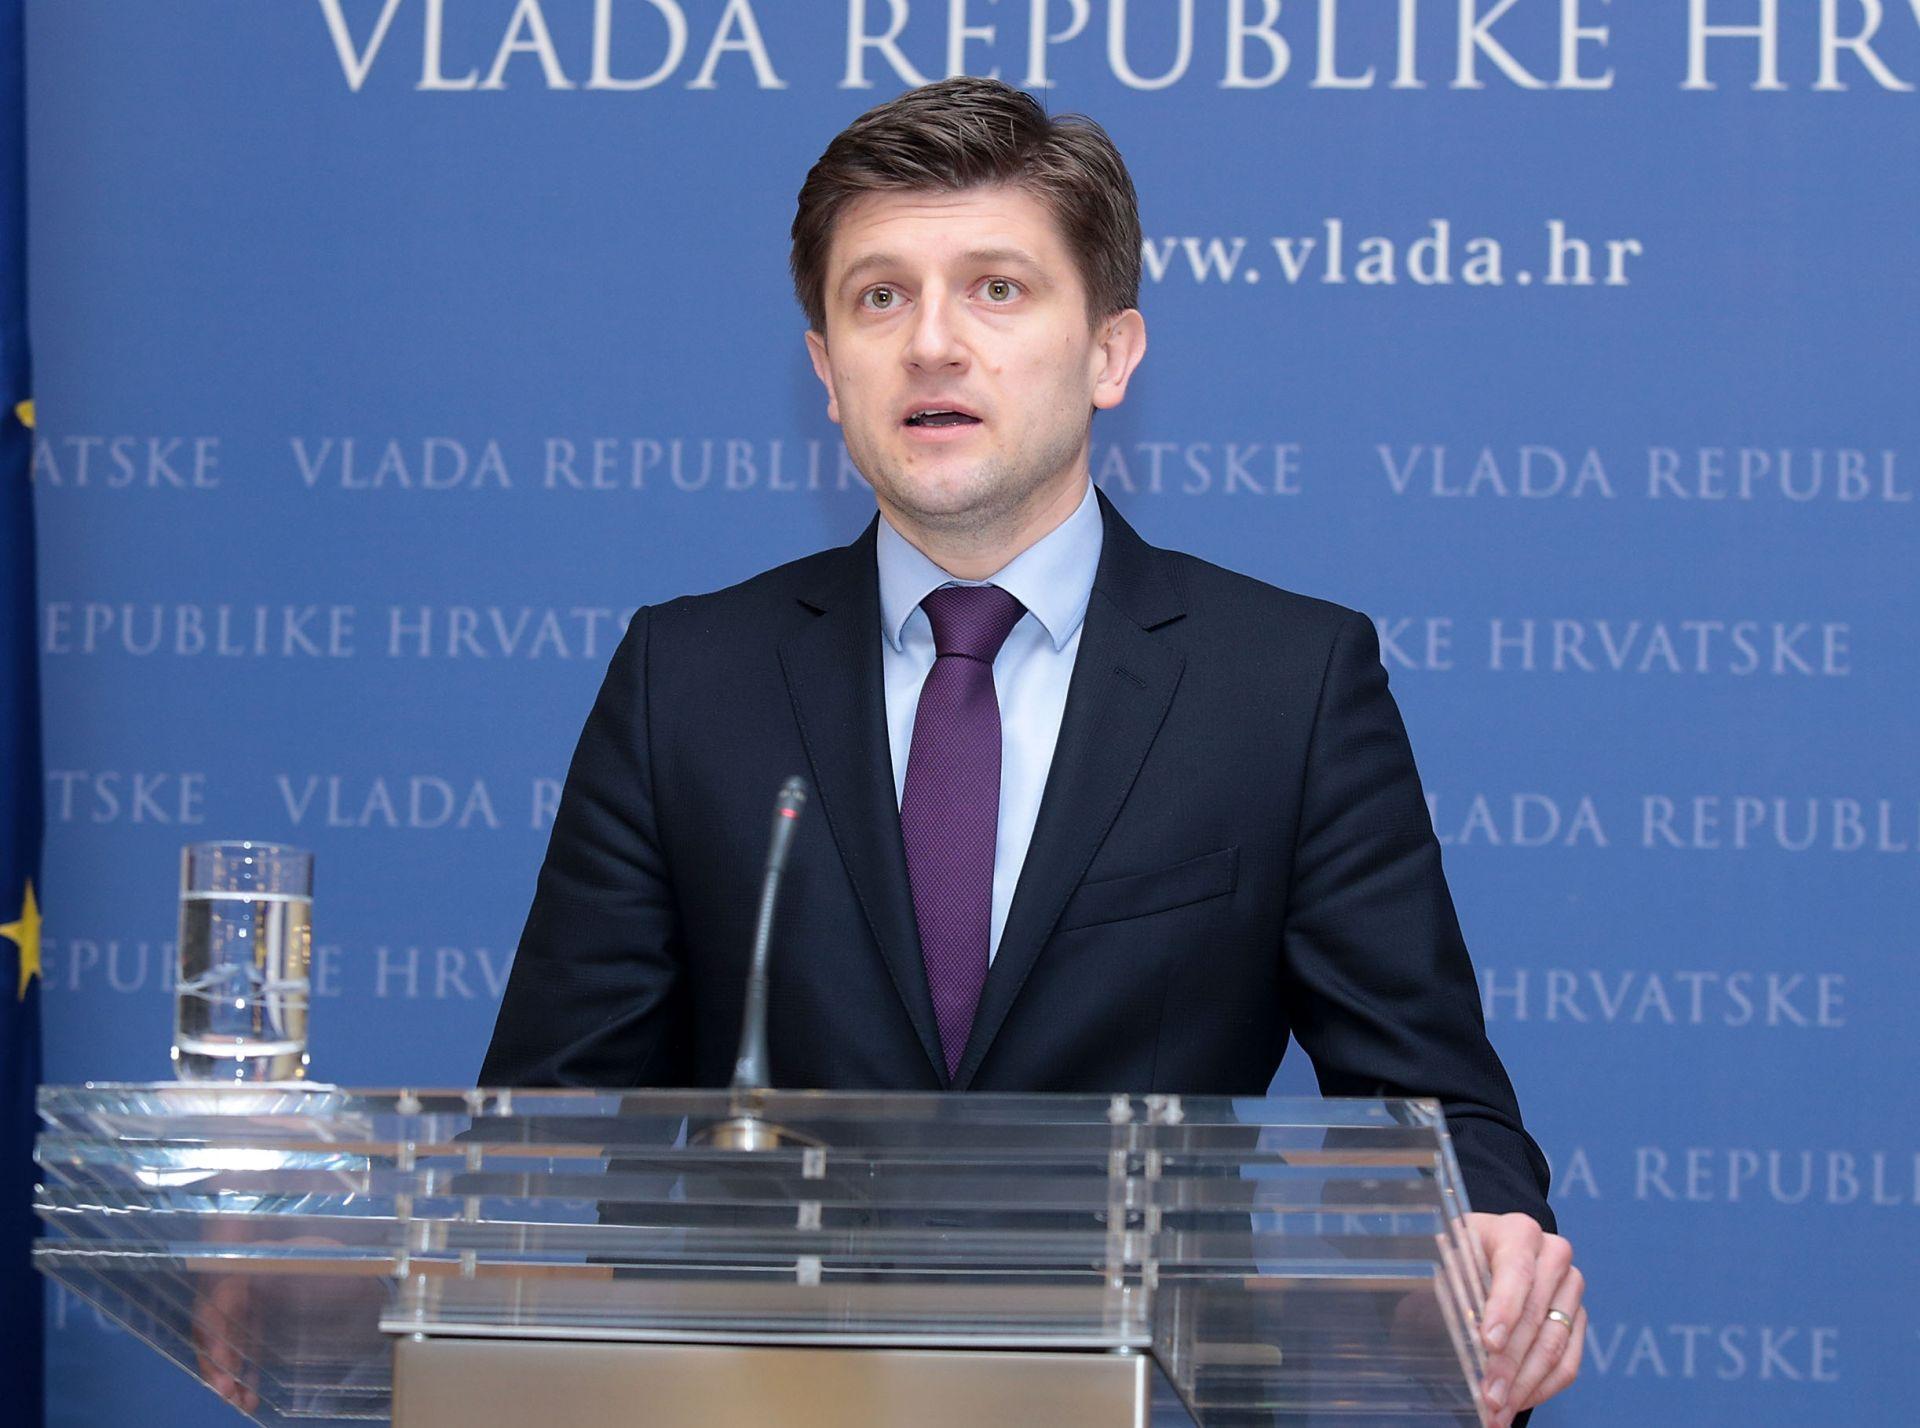 Ministar Marić očekuje izglasavanje proračuna u Hrvatskom saboru